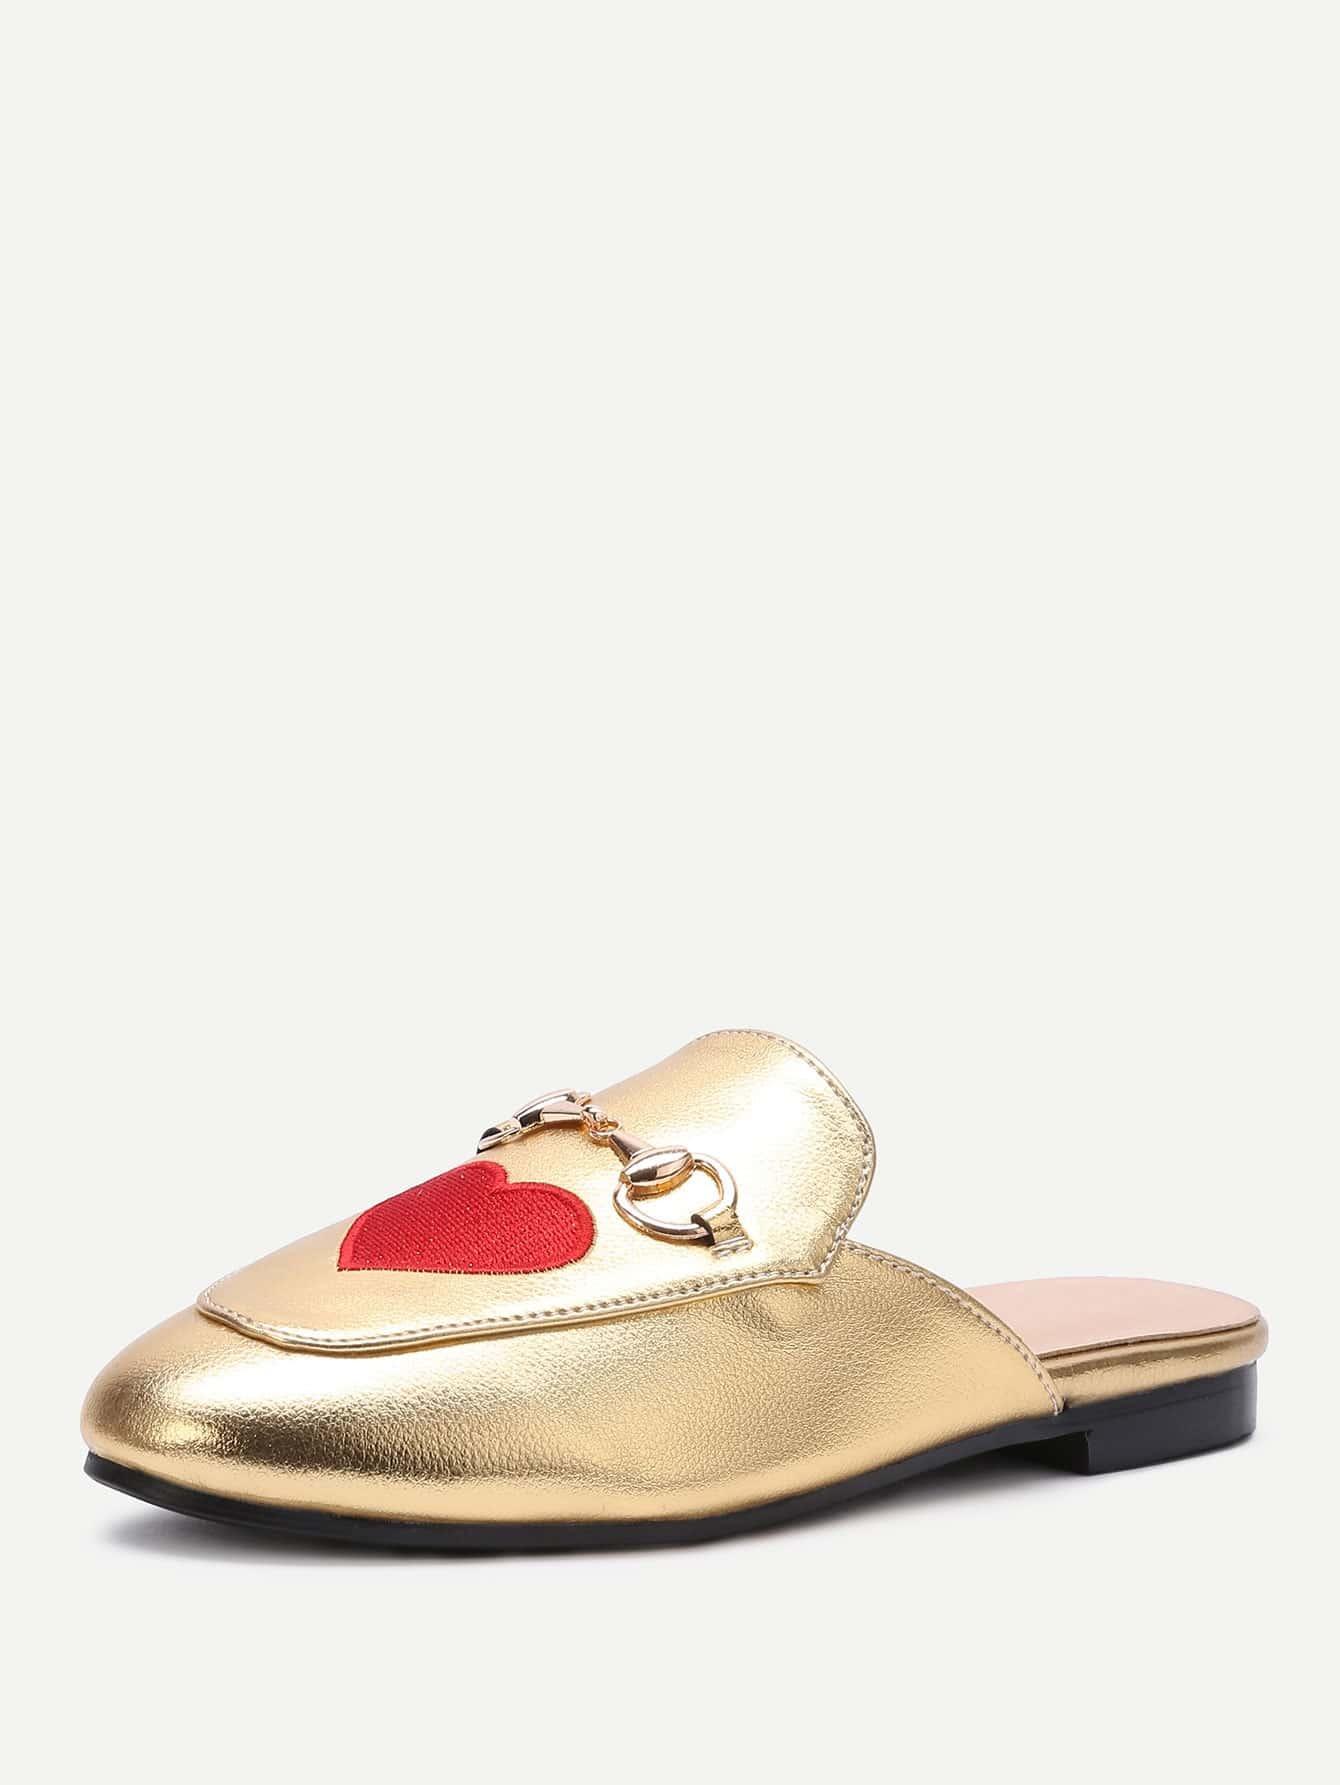 shoes170208802_2